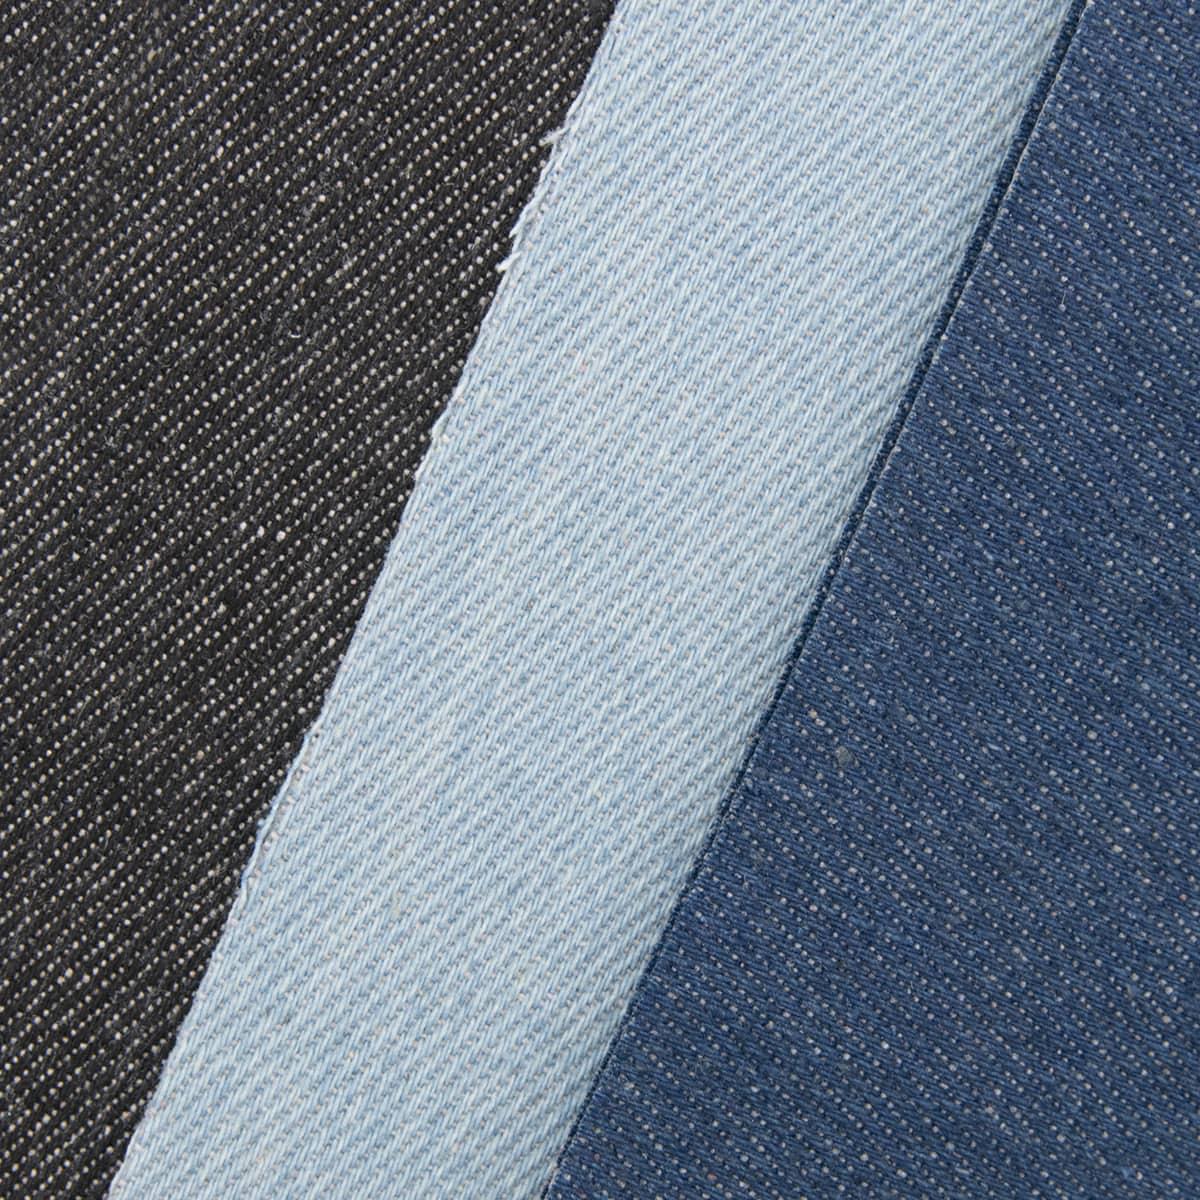 Набор джинсовых термозаплаток Hobby&Pro